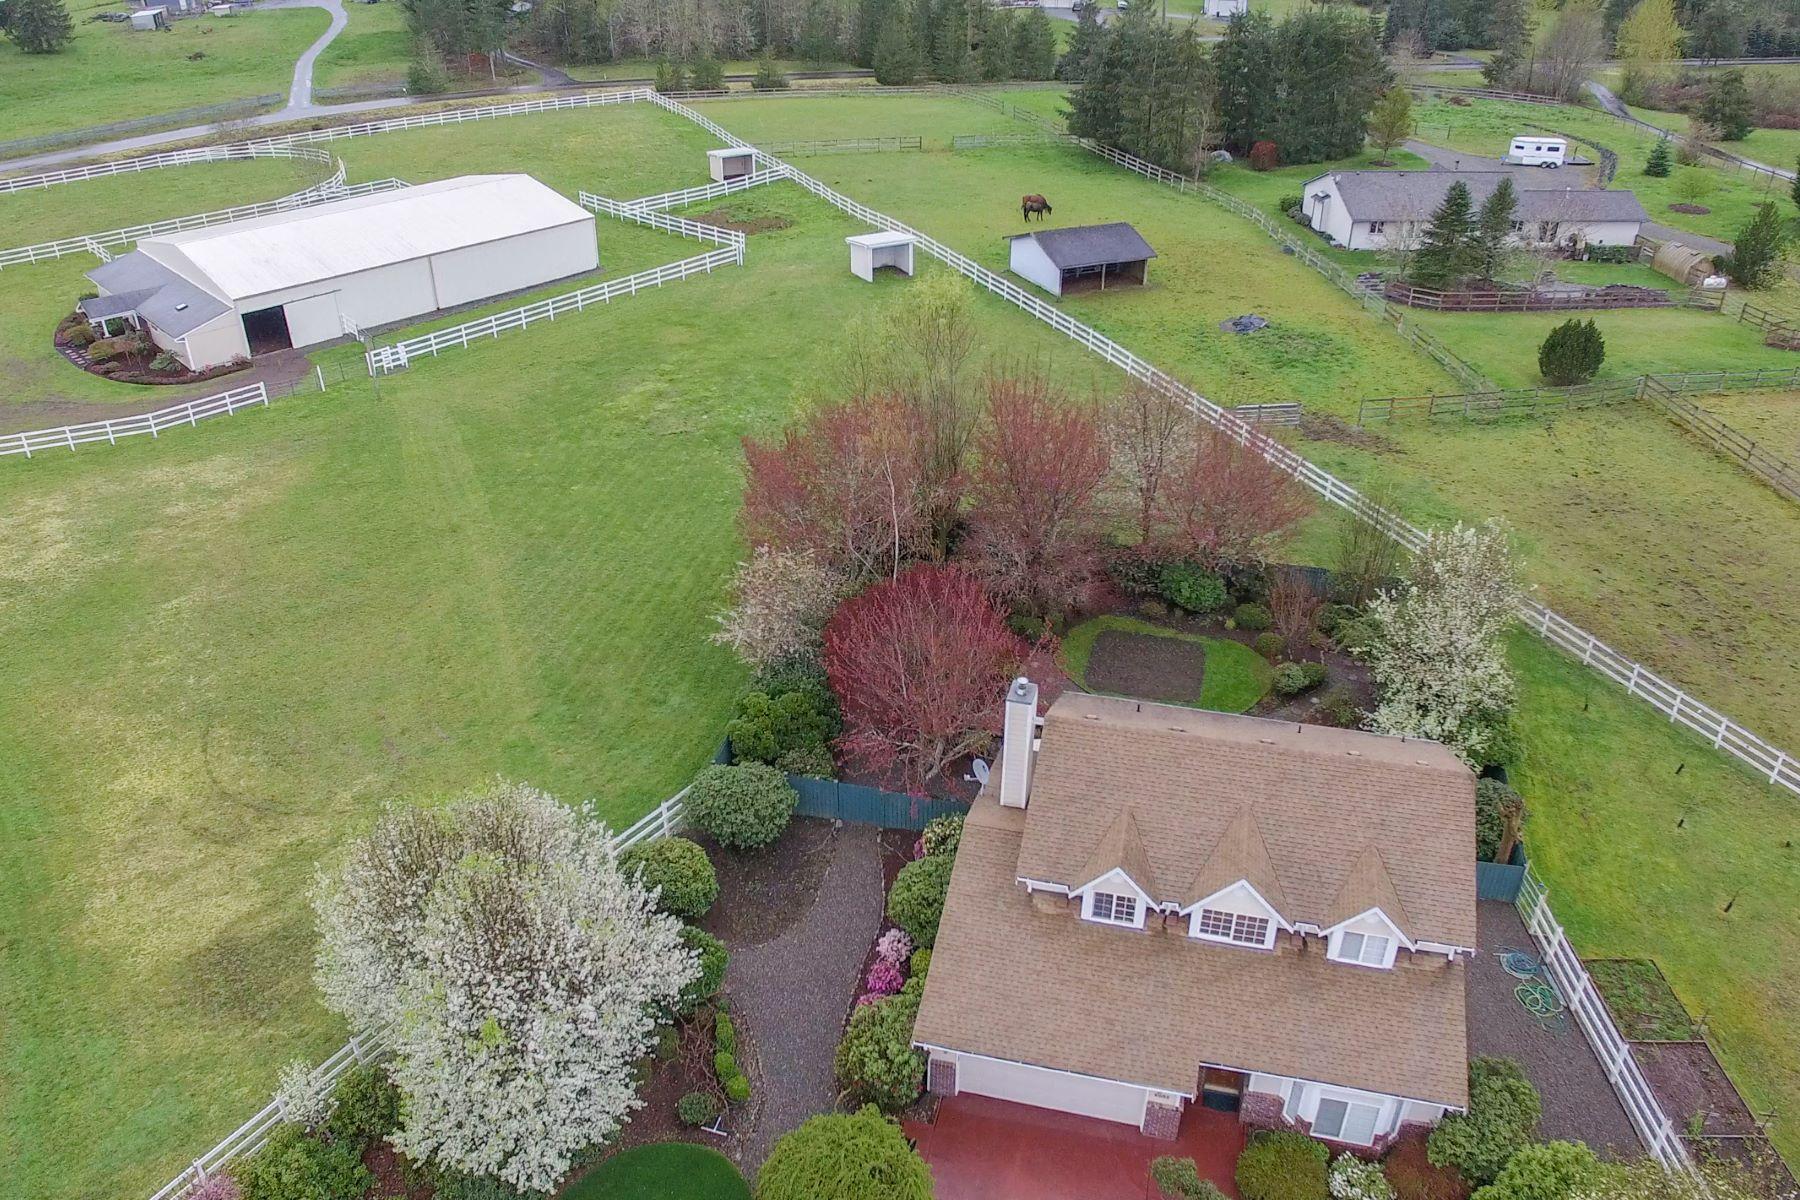 단독 가정 주택 용 매매 에 Equestrian Olympia 6932 105th Ave SW Olympia, 워싱톤, 98512 미국